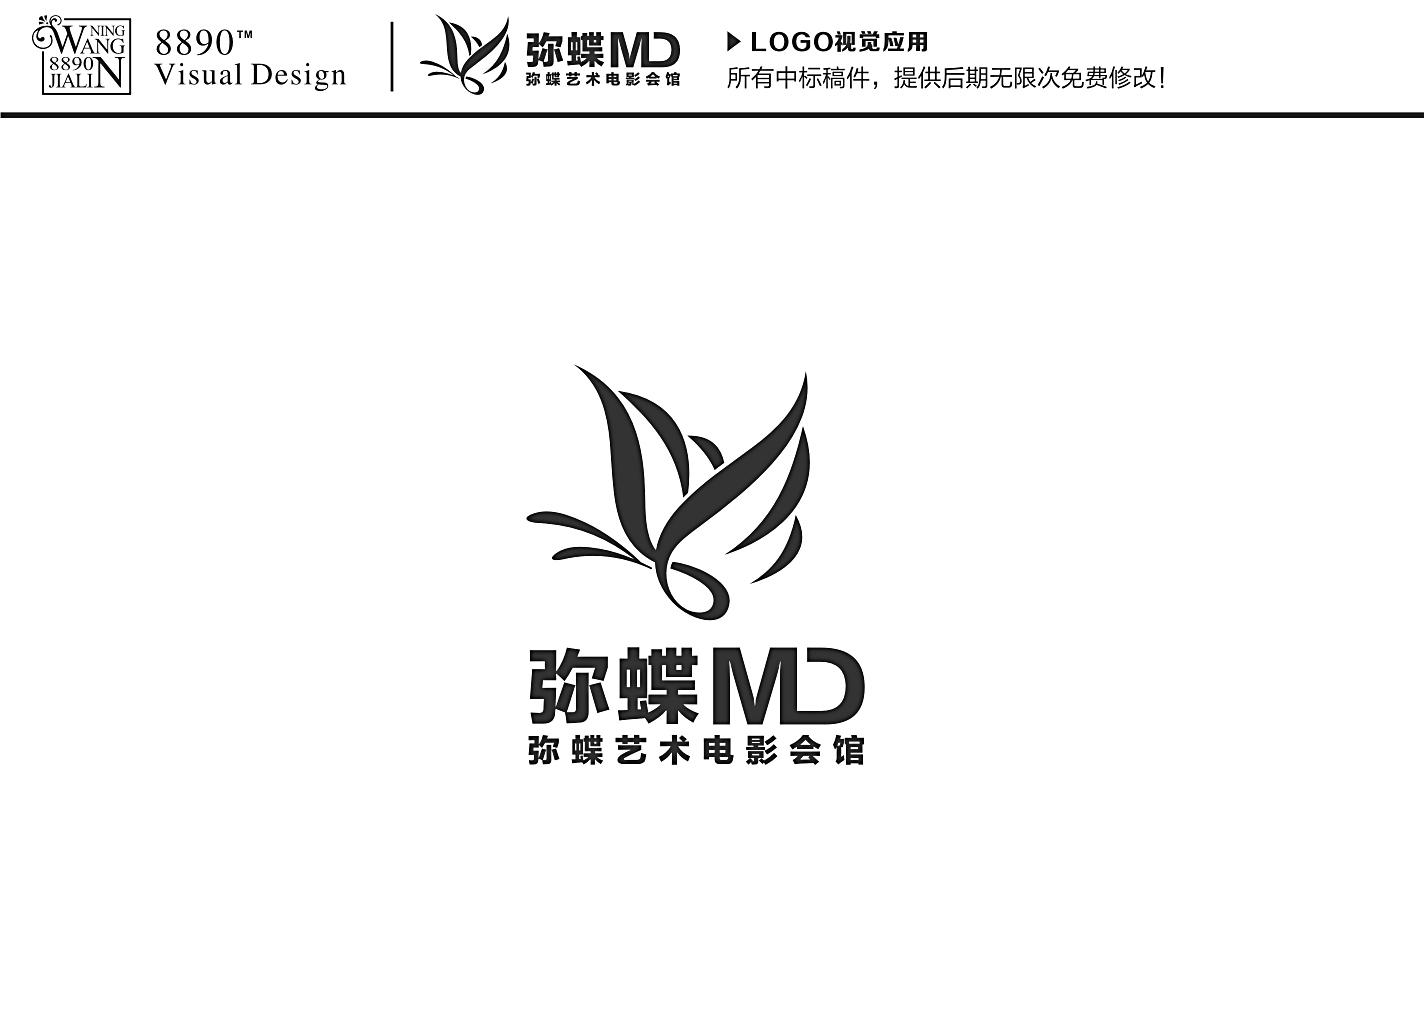 弥蝶 艺术传媒公司 的logo设计 - 图形与logo设计